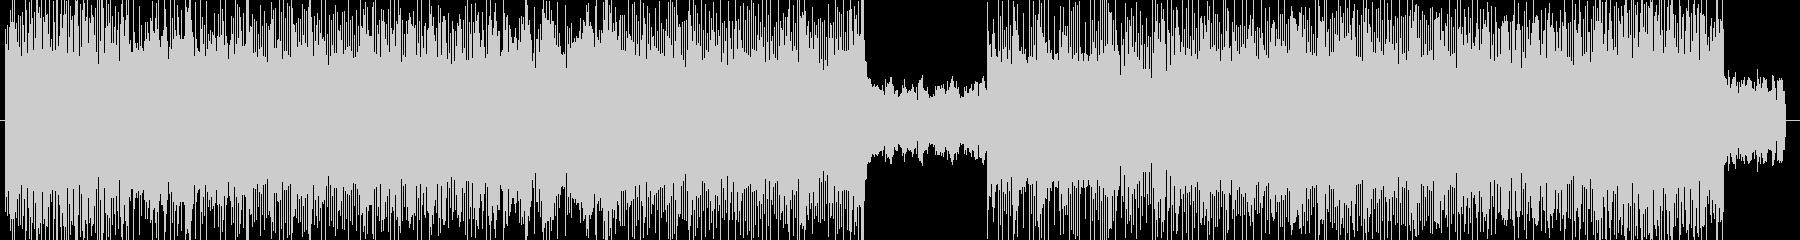 ダークなハードロック系の曲 BGM225の未再生の波形